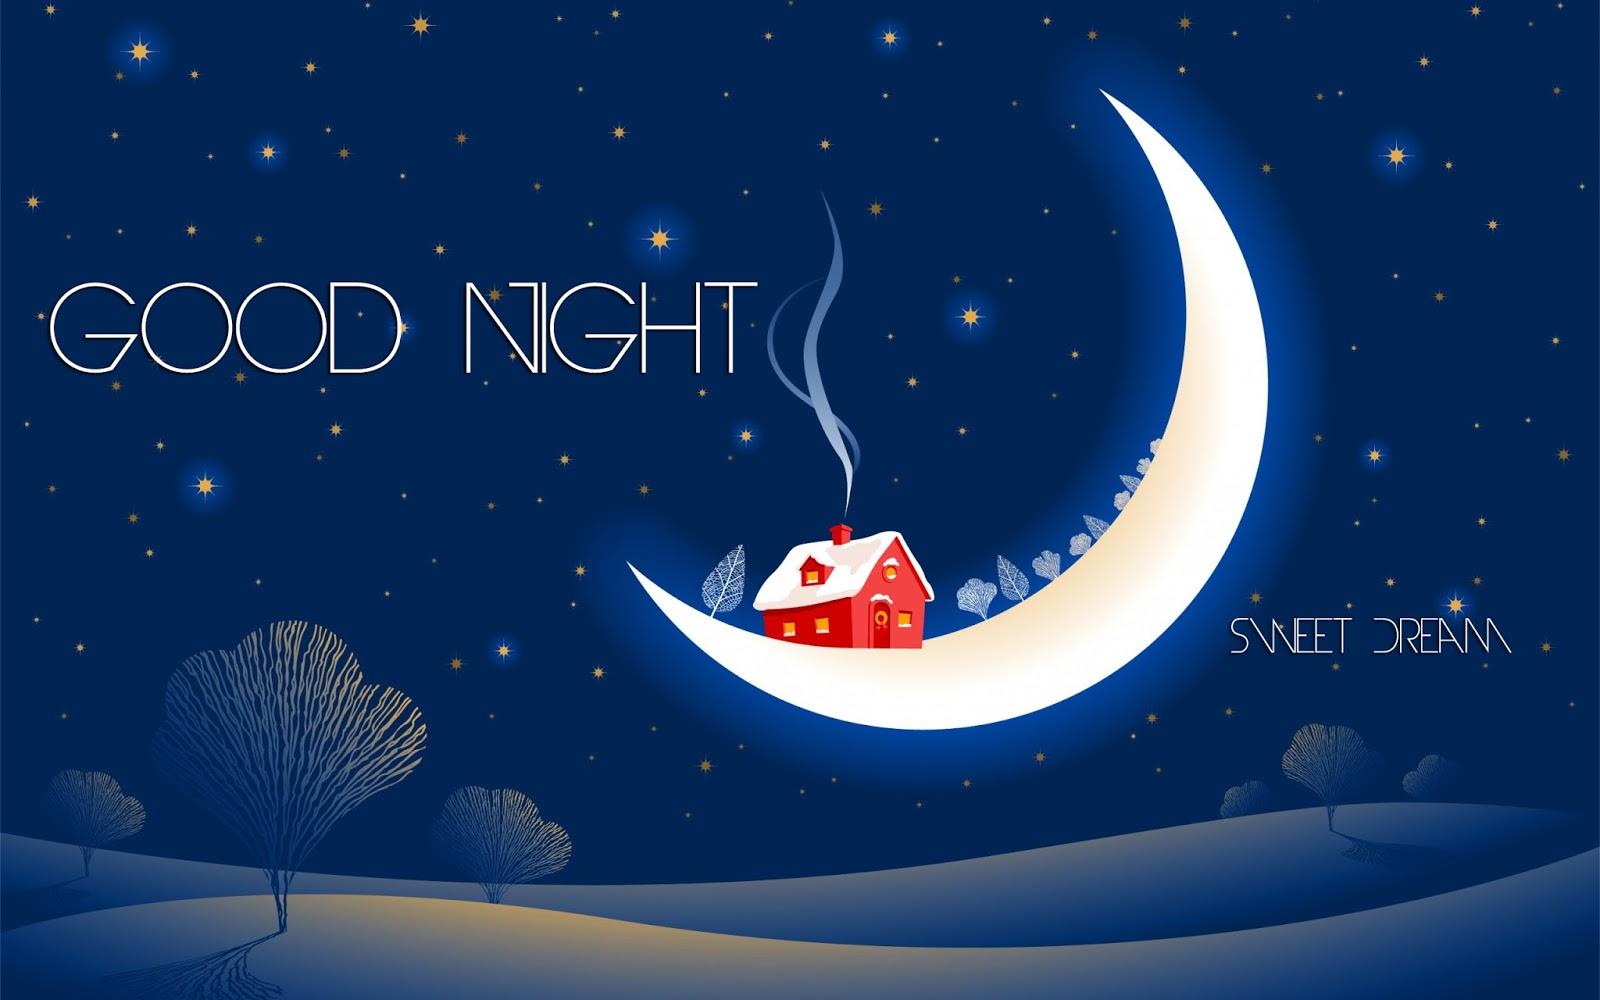 good night wishes, gud ni8 sayings